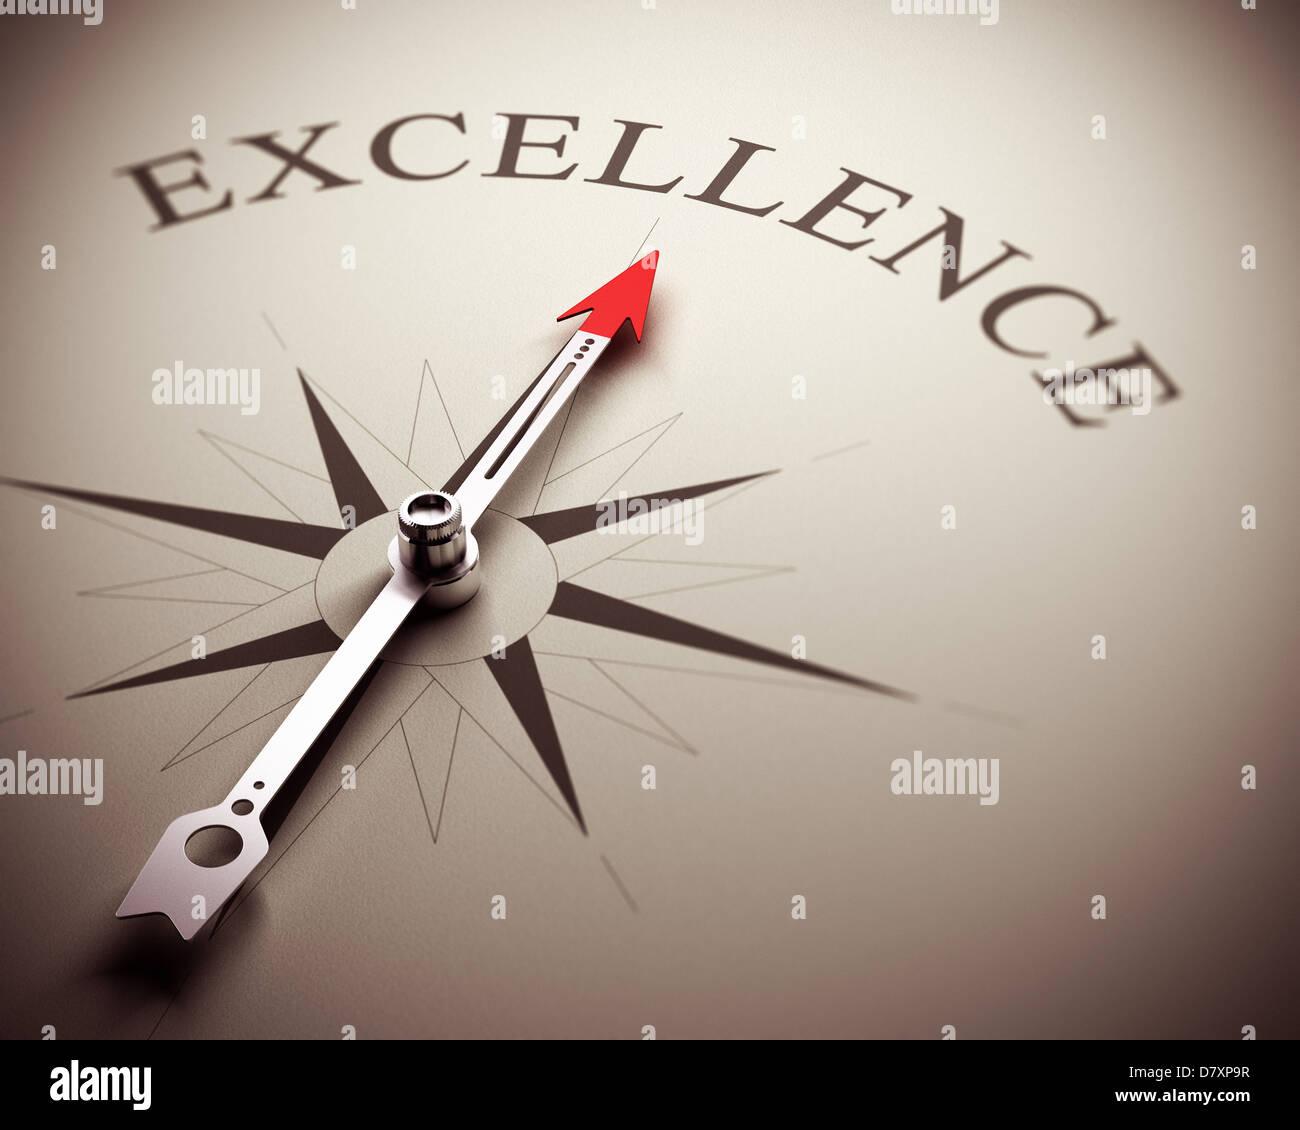 La aguja de la brújula apuntando la palabra excelencia, imagen adecuada para el concepto empresarial. 3D Render Imagen De Stock